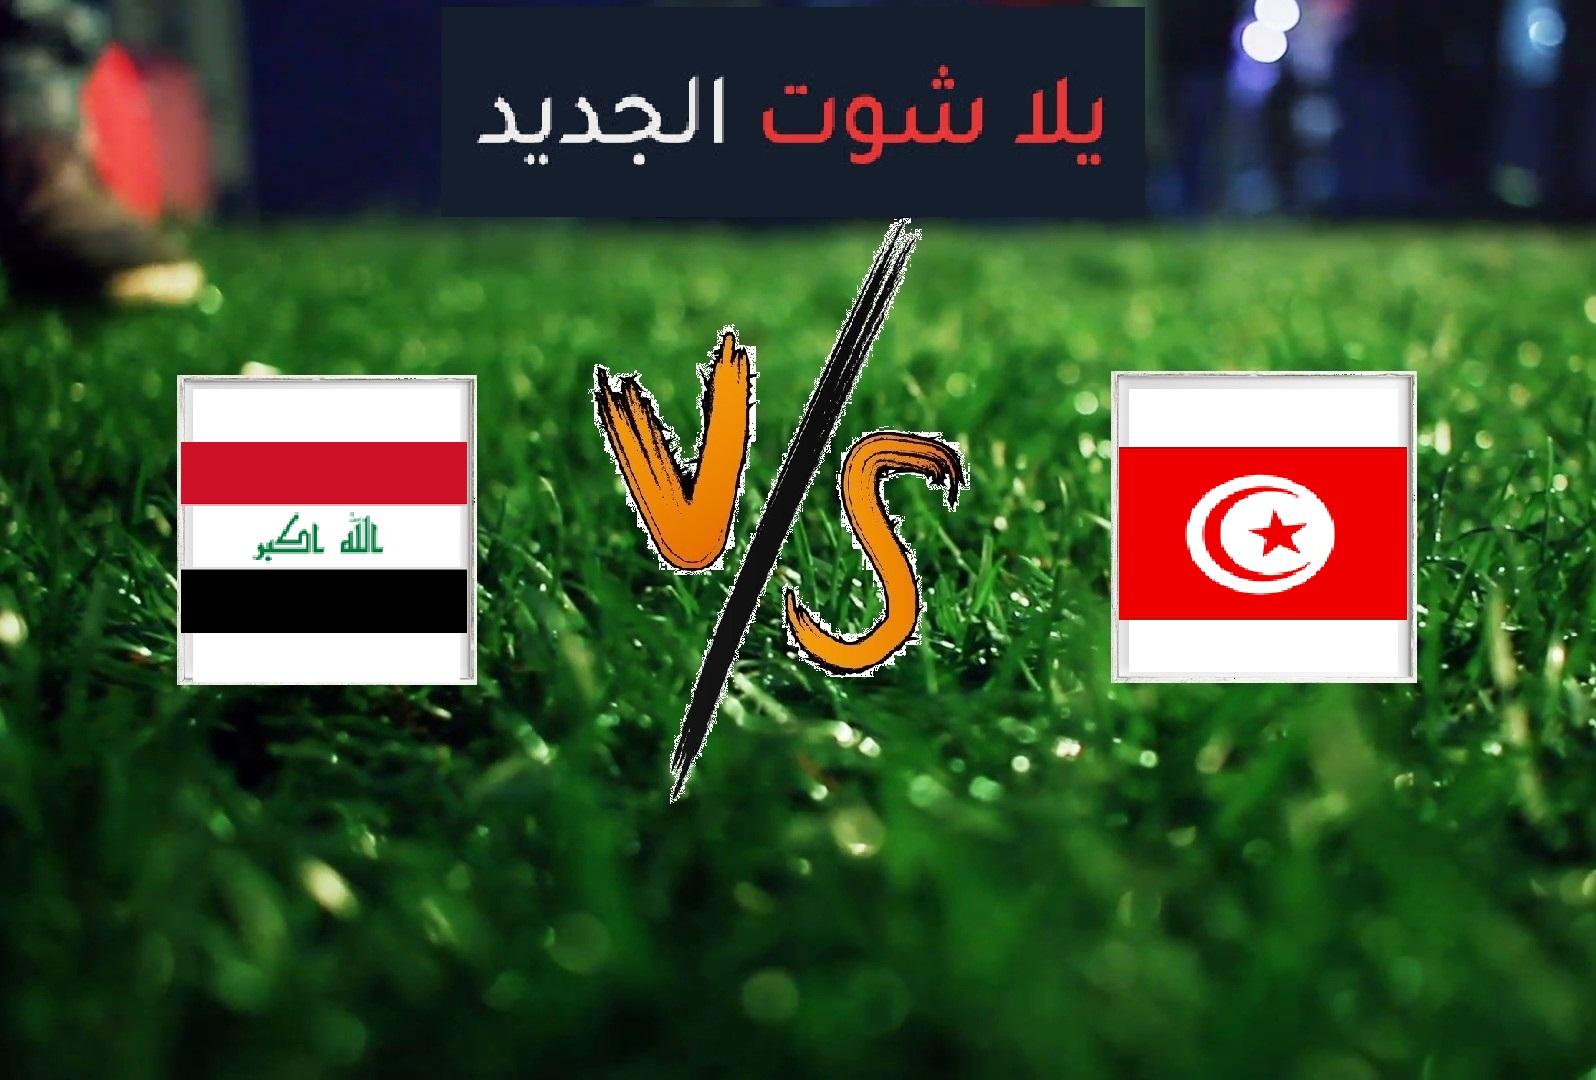 نتيجة مباراة تونس والعراق اليوم الجمعة بتاريخ 07-06-2019 مباراة ودية